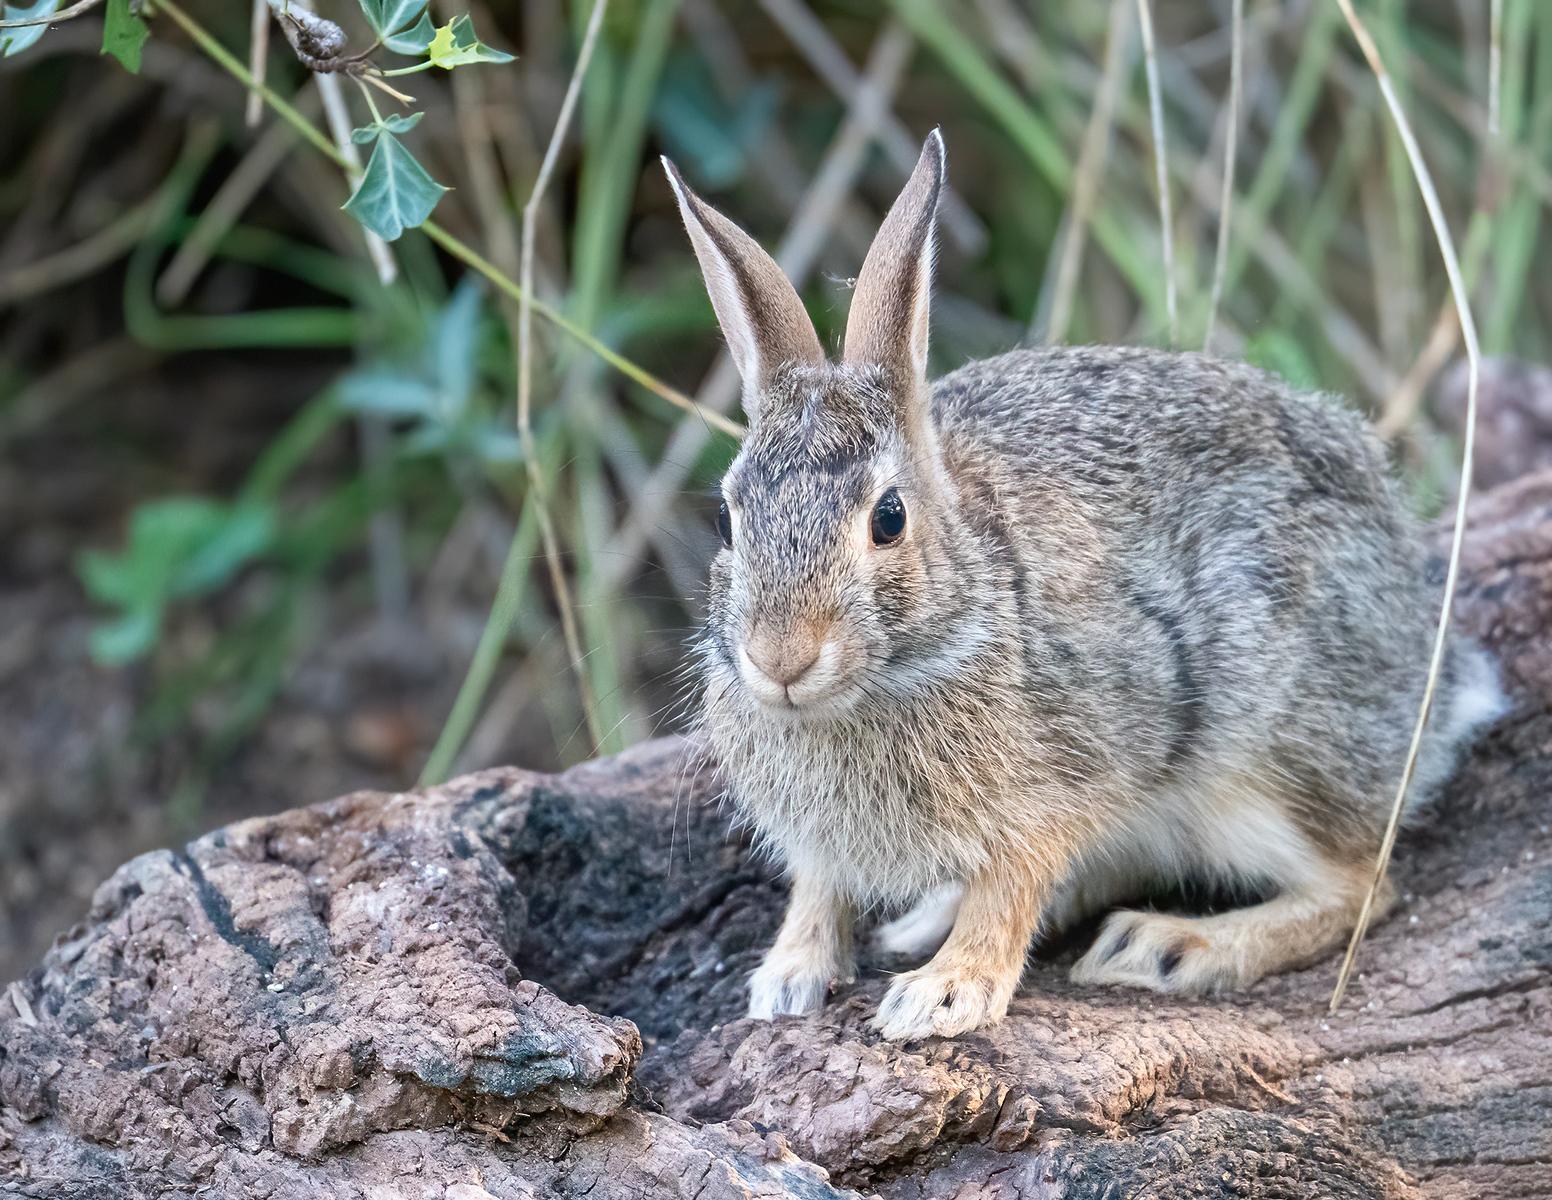 IMAGE: https://photos.smugmug.com/Trips/S-Llano-River-State-Park-June-2021/i-ZVFFpWc/0/cf8ef025/X3/Animals_9_6-2021-13-X3.jpg